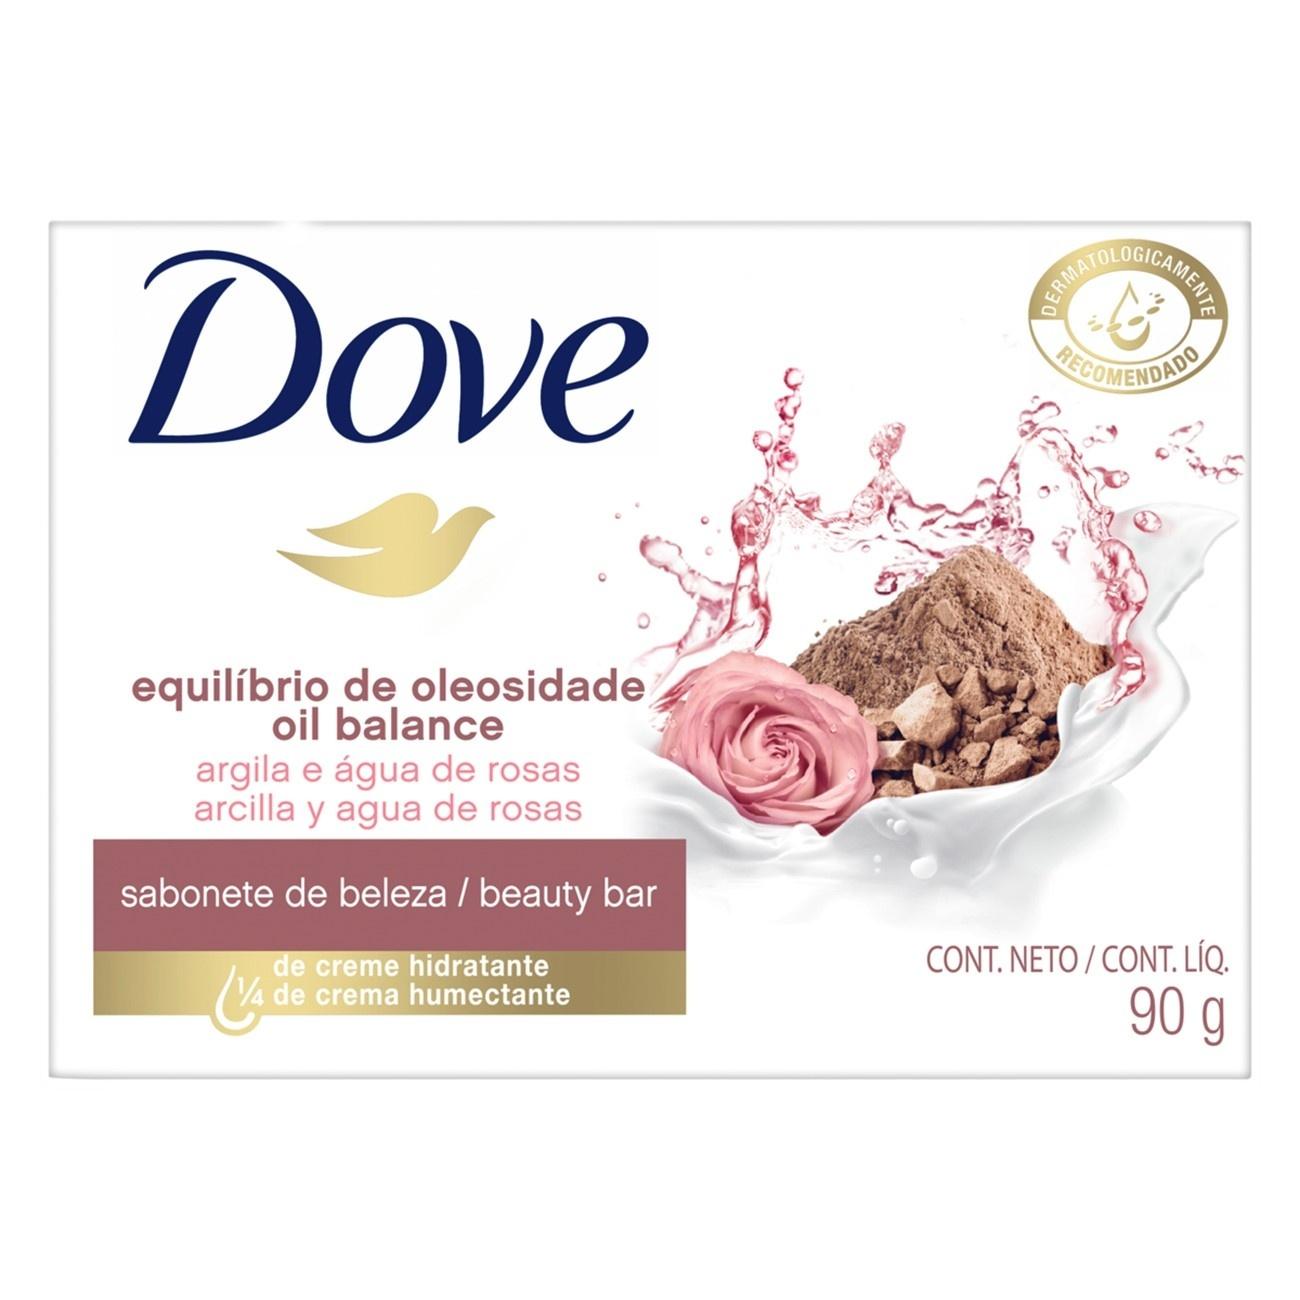 Sabonete em Barra Dove Equilíbrio de Oleosidade Argila e Água de Rosas 90g